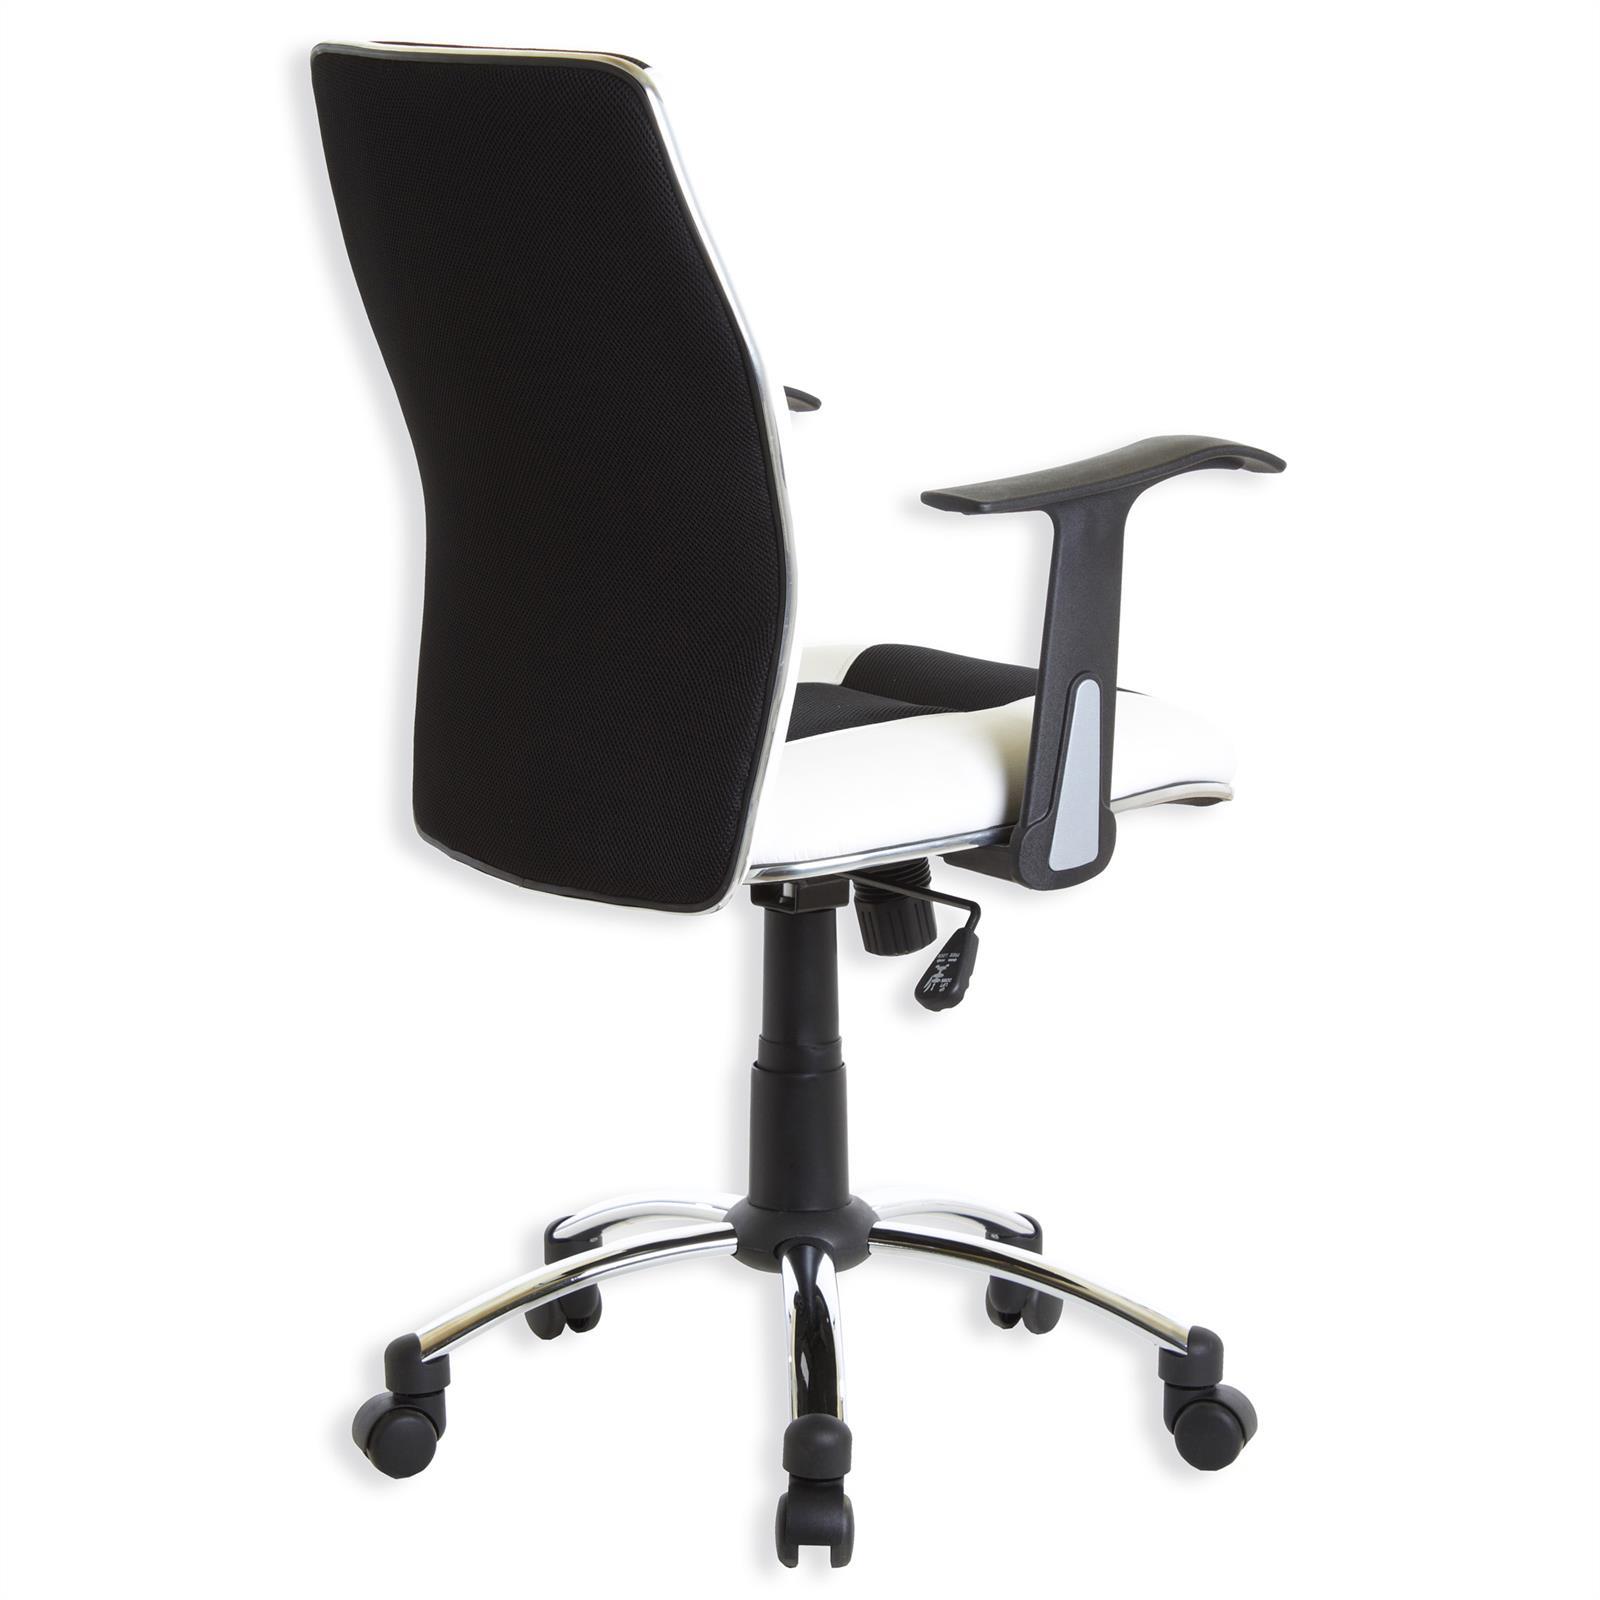 fauteuil de bureau dirk avec accoudoirs noir blanc. Black Bedroom Furniture Sets. Home Design Ideas